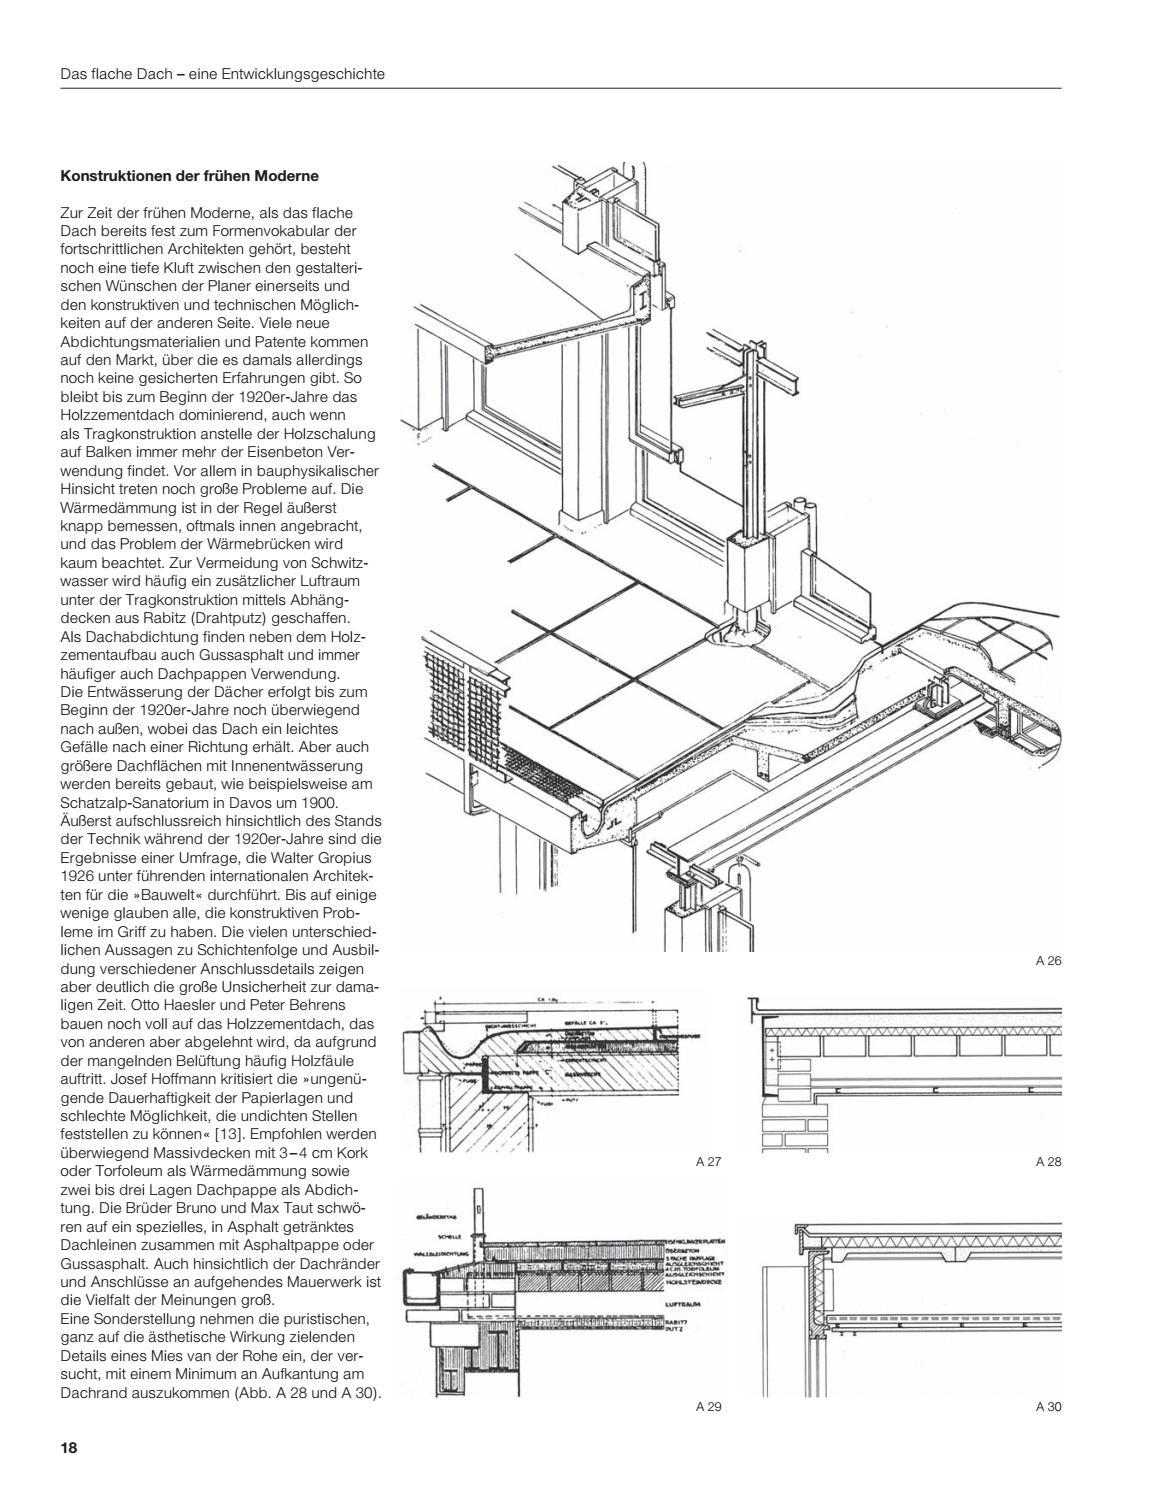 Flachdach Atlas by DETAIL - issuu